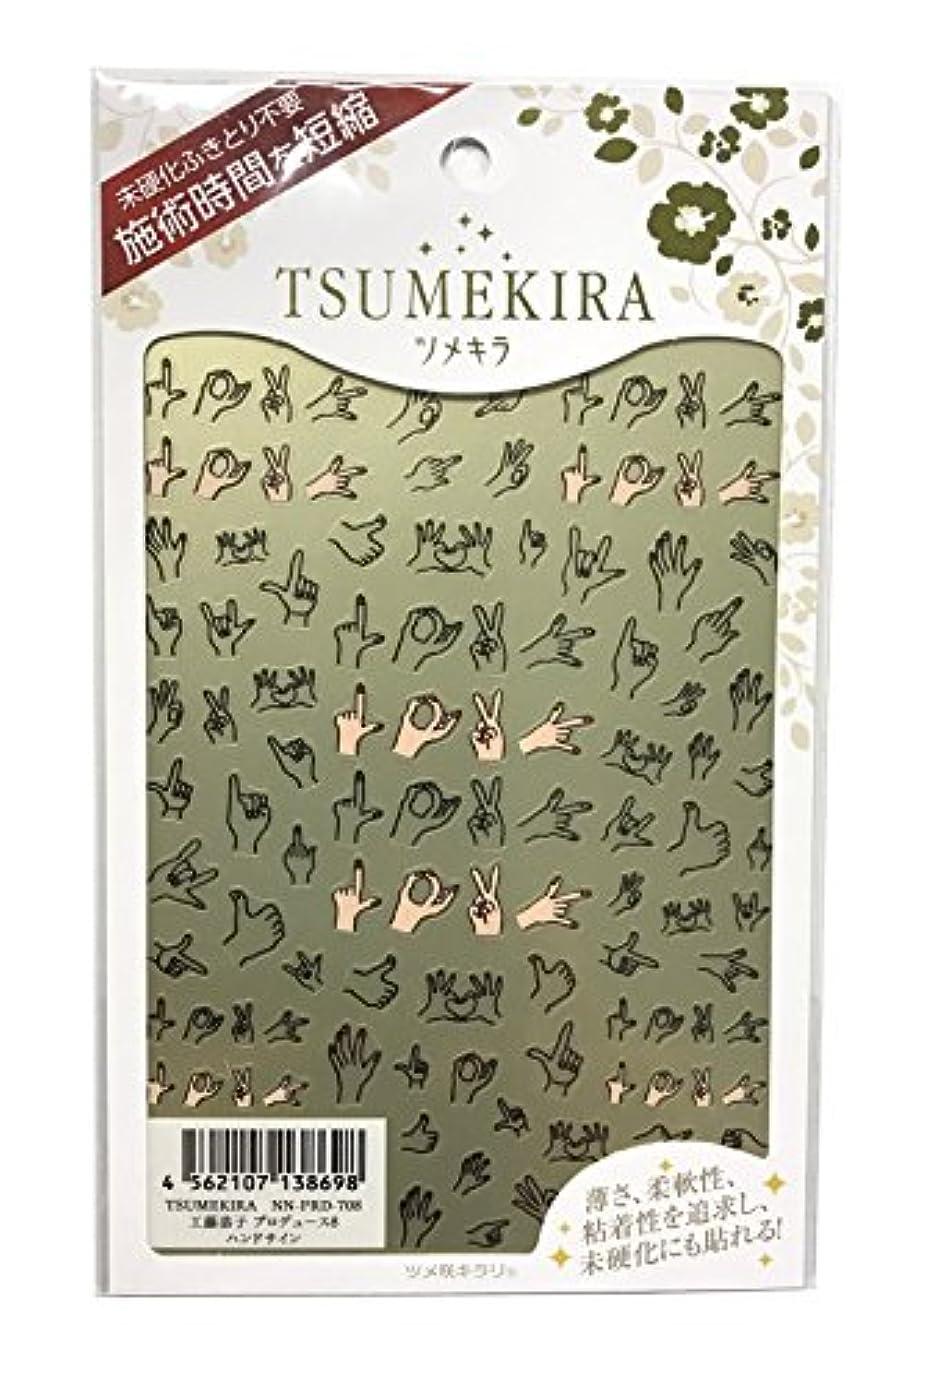 鉱石気分が良い遅らせるツメキラ(TSUMEKIRA) ネイル用シール ハンドサイン NN-PRD-708